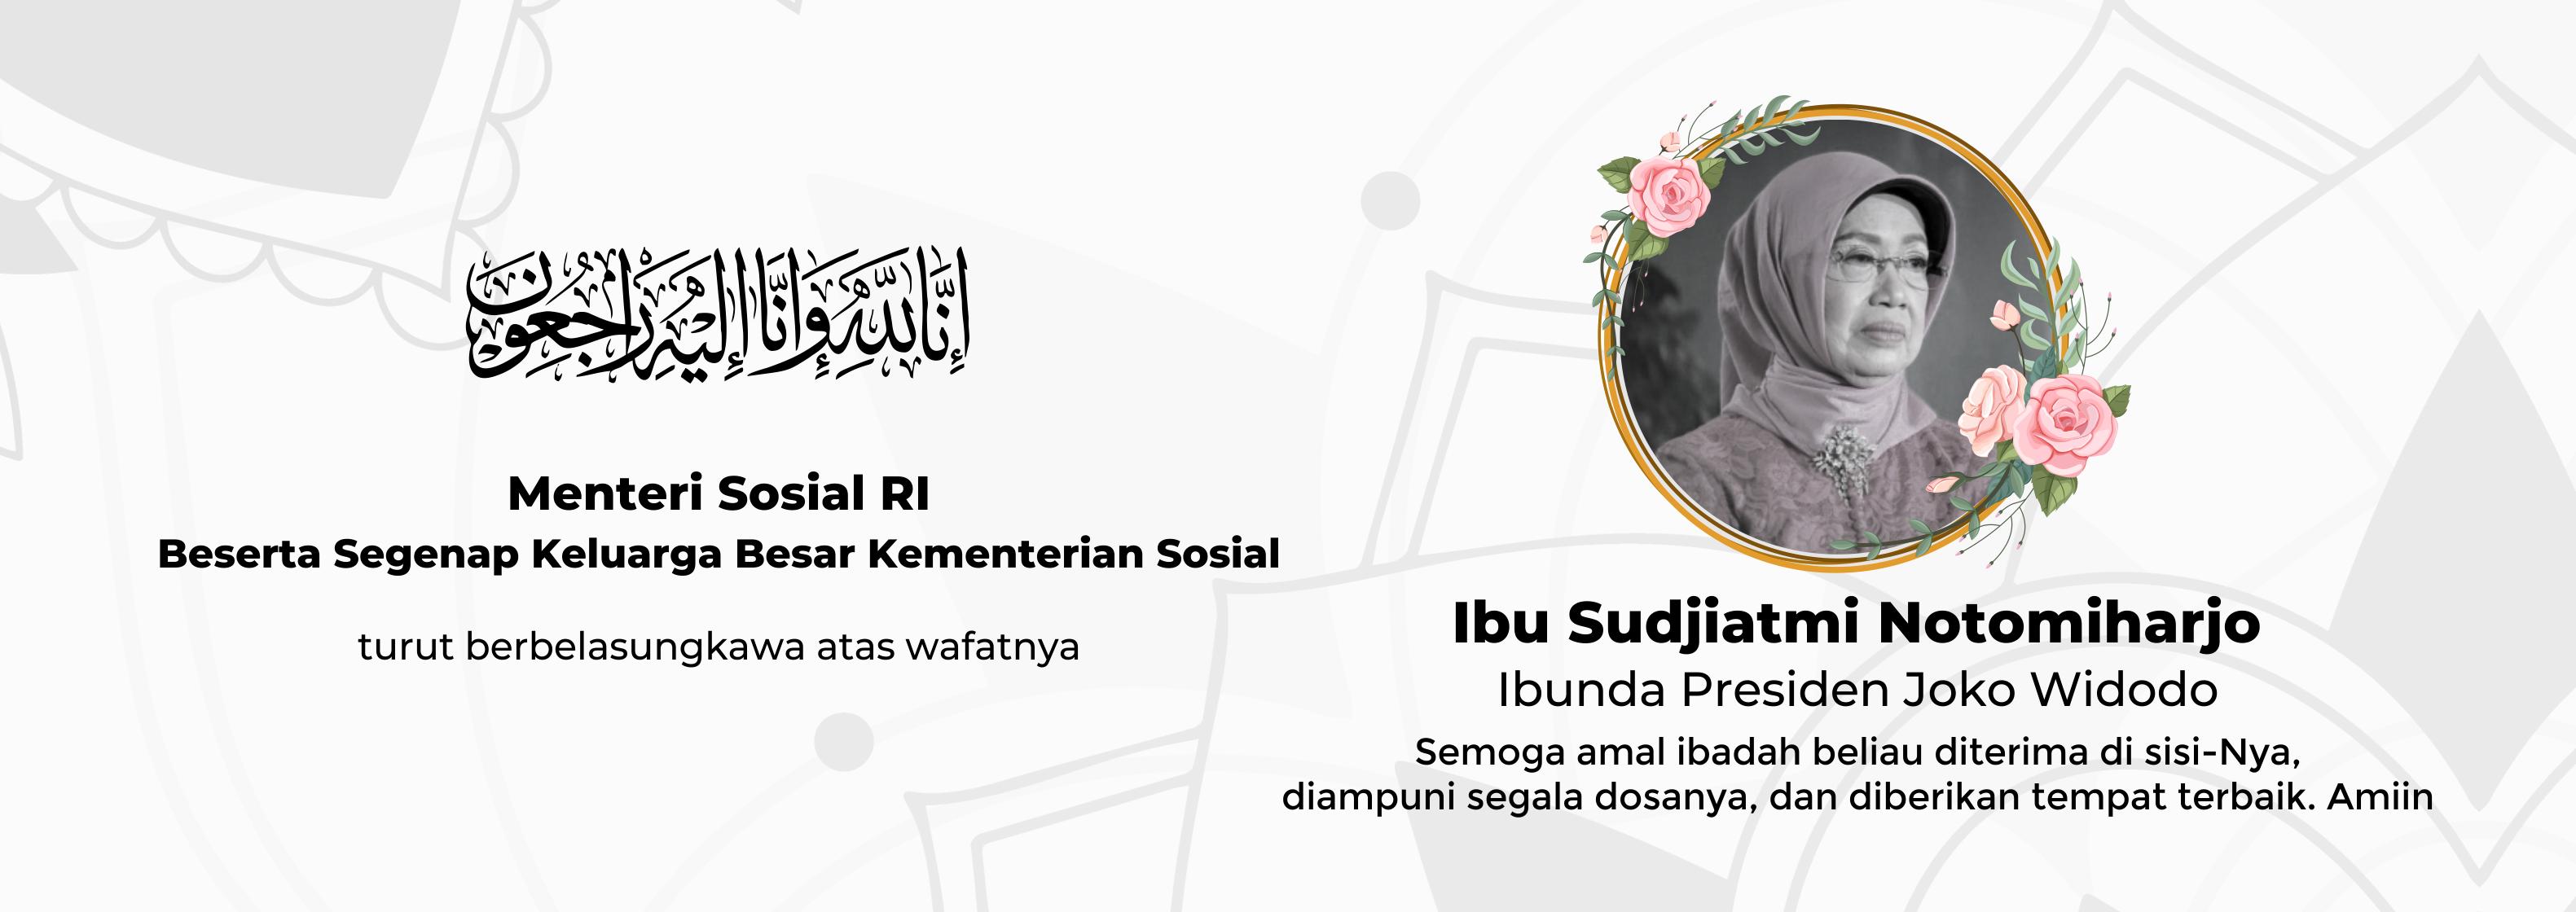 Ucapan Belasungkawa Ibunda Presiden Jokowi